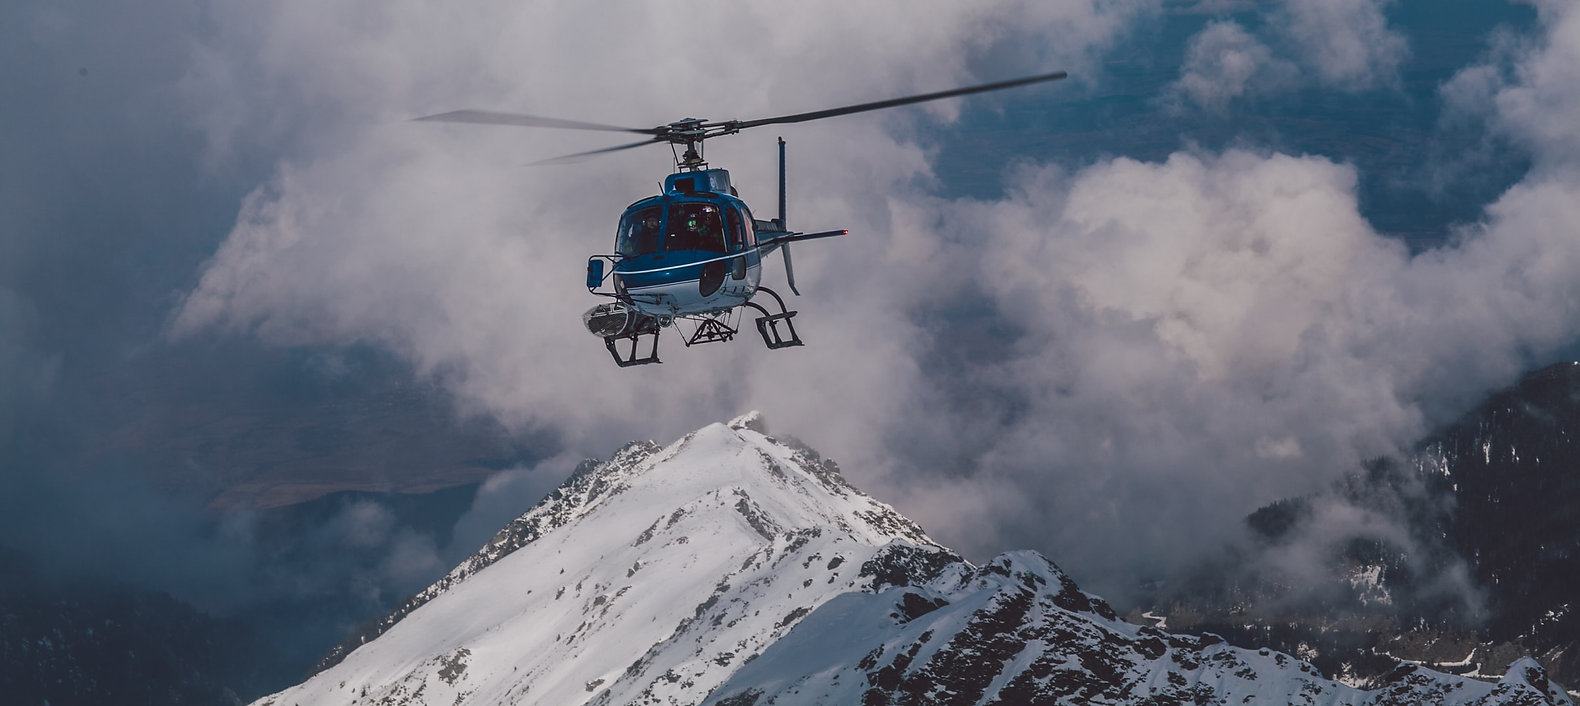 Heliskiing & Freeride ab Gletscher | Anders reisen, alternative Reisen, Reisetrends, außergewöhnliche Reisen, exklusive Reisen